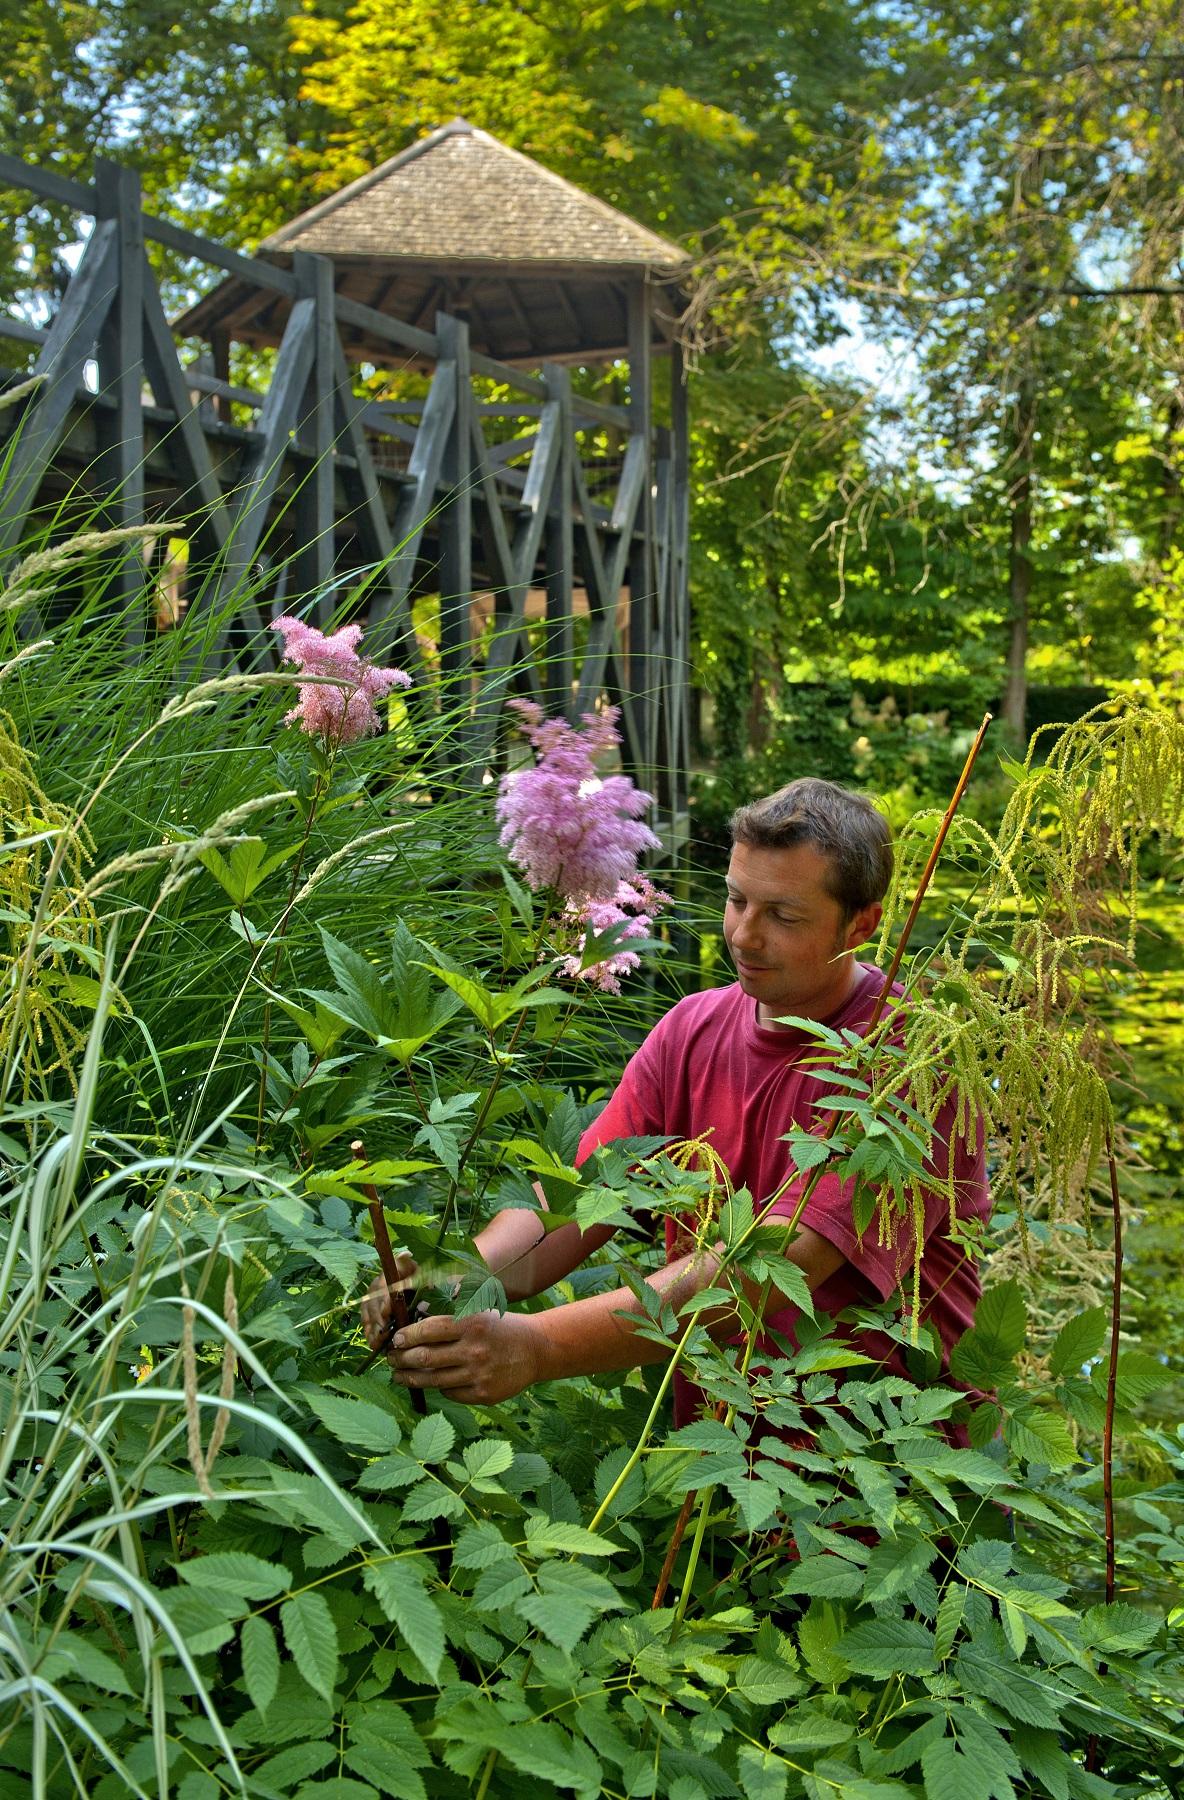 Rendez vous aux jardins au ch teau du clos luce for Rdv aux jardins